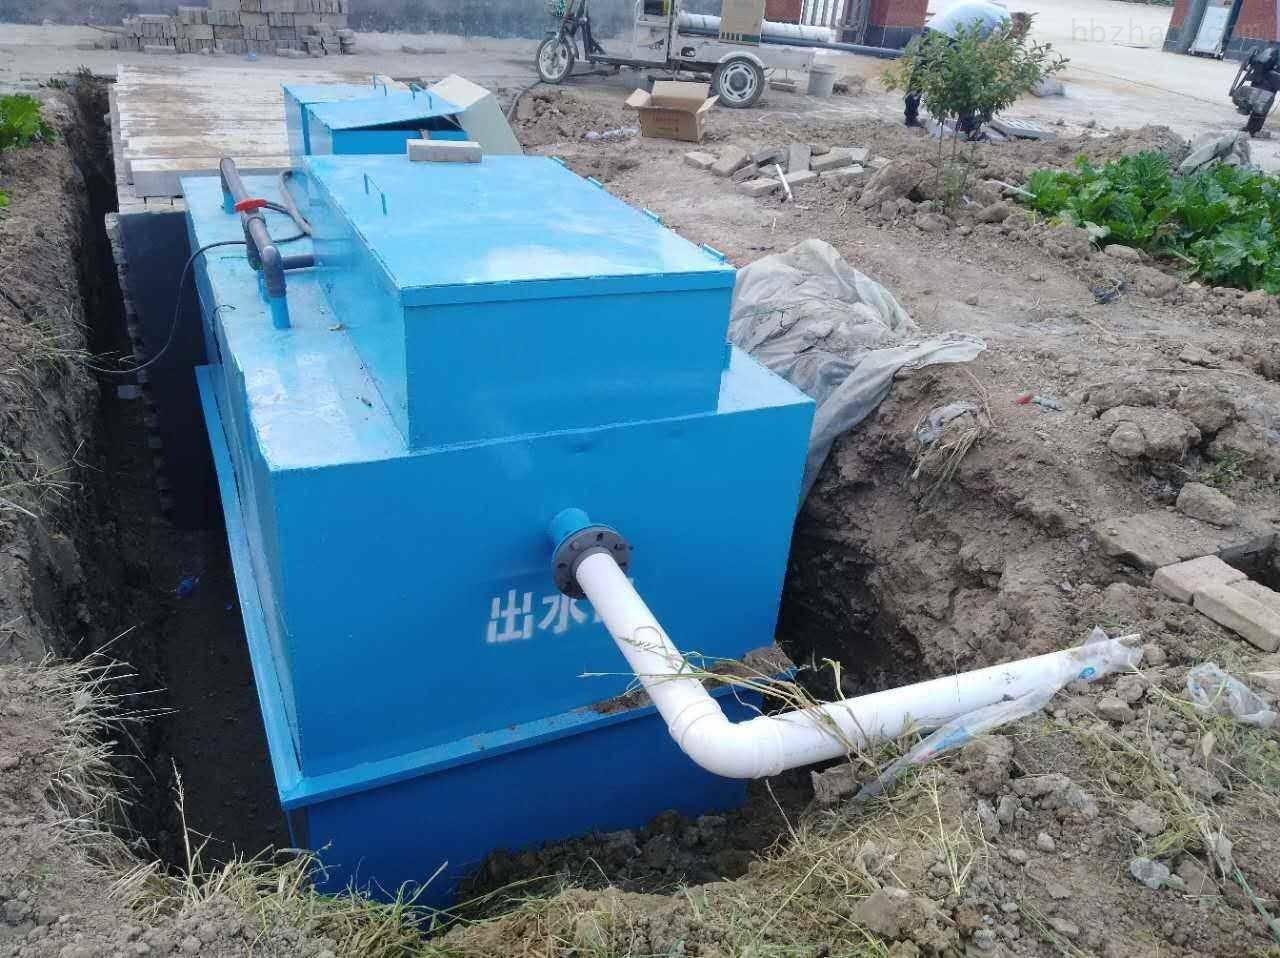 阿里住宅区生活污水处理设备